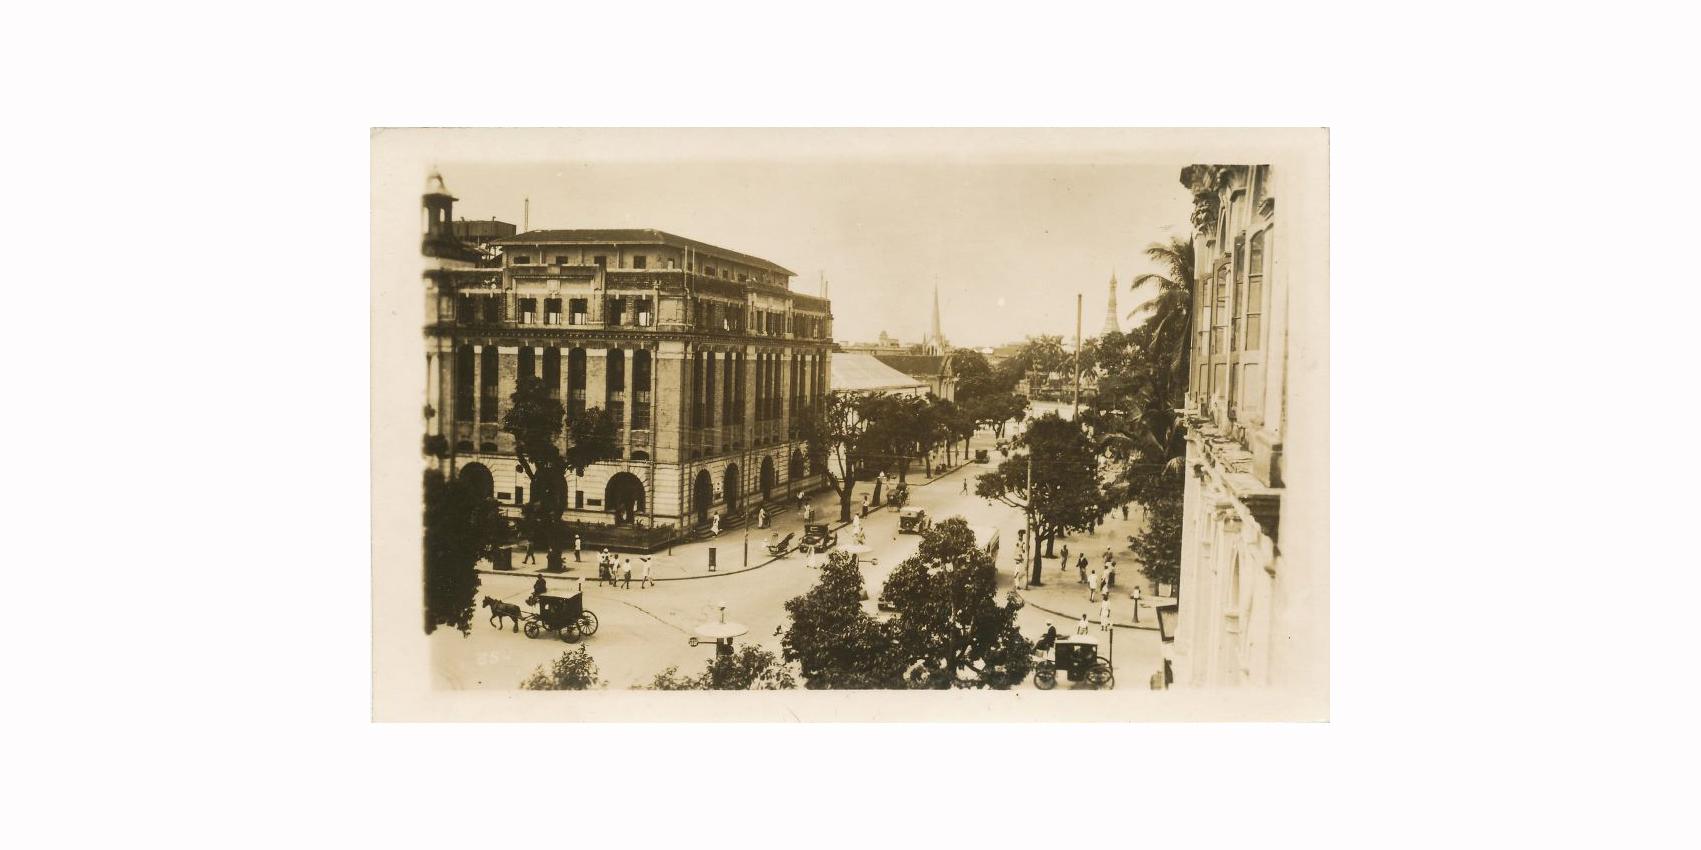 Mahabandoola Road1940s.jpg